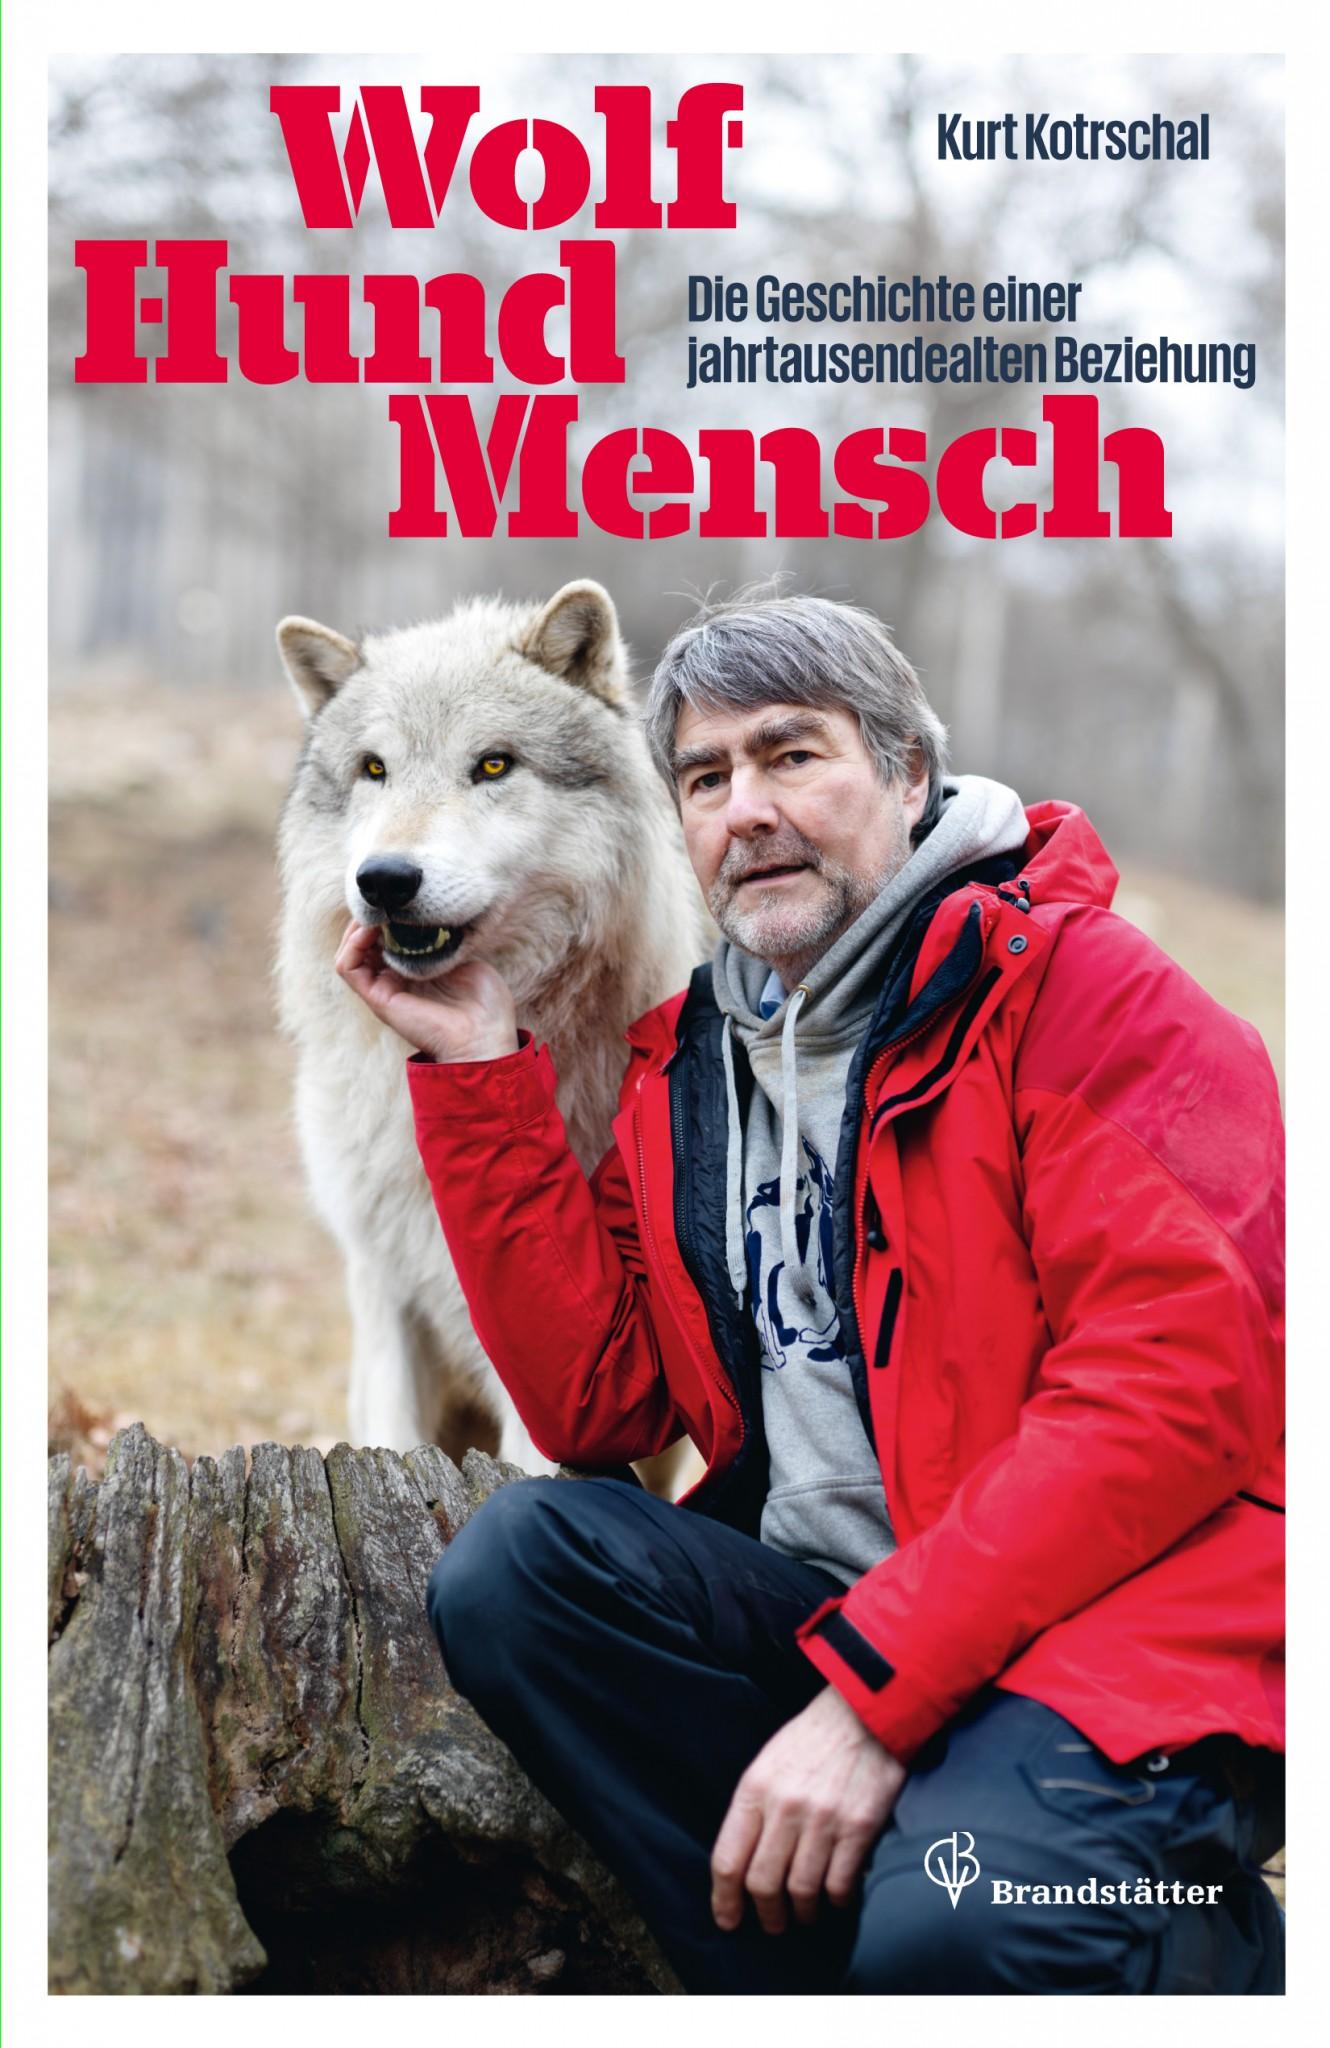 kampf wolf gegen hund